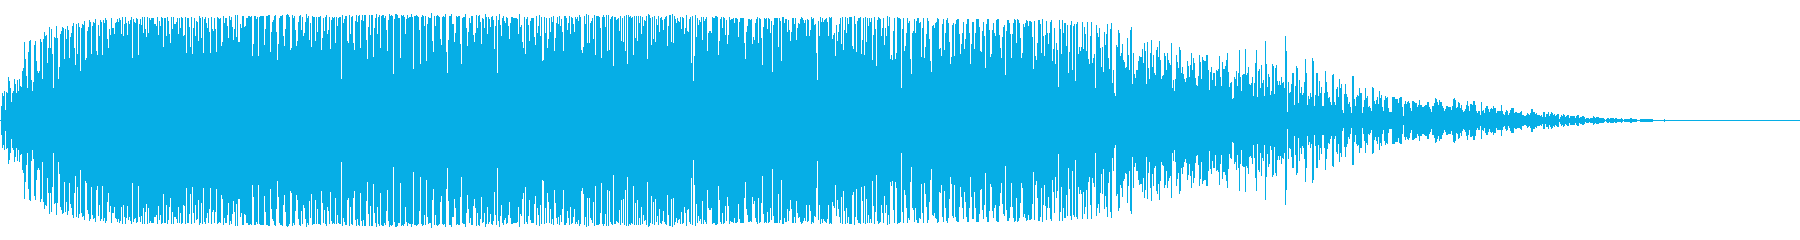 宇宙船通過(神秘的または幻想的な音)の再生済みの波形